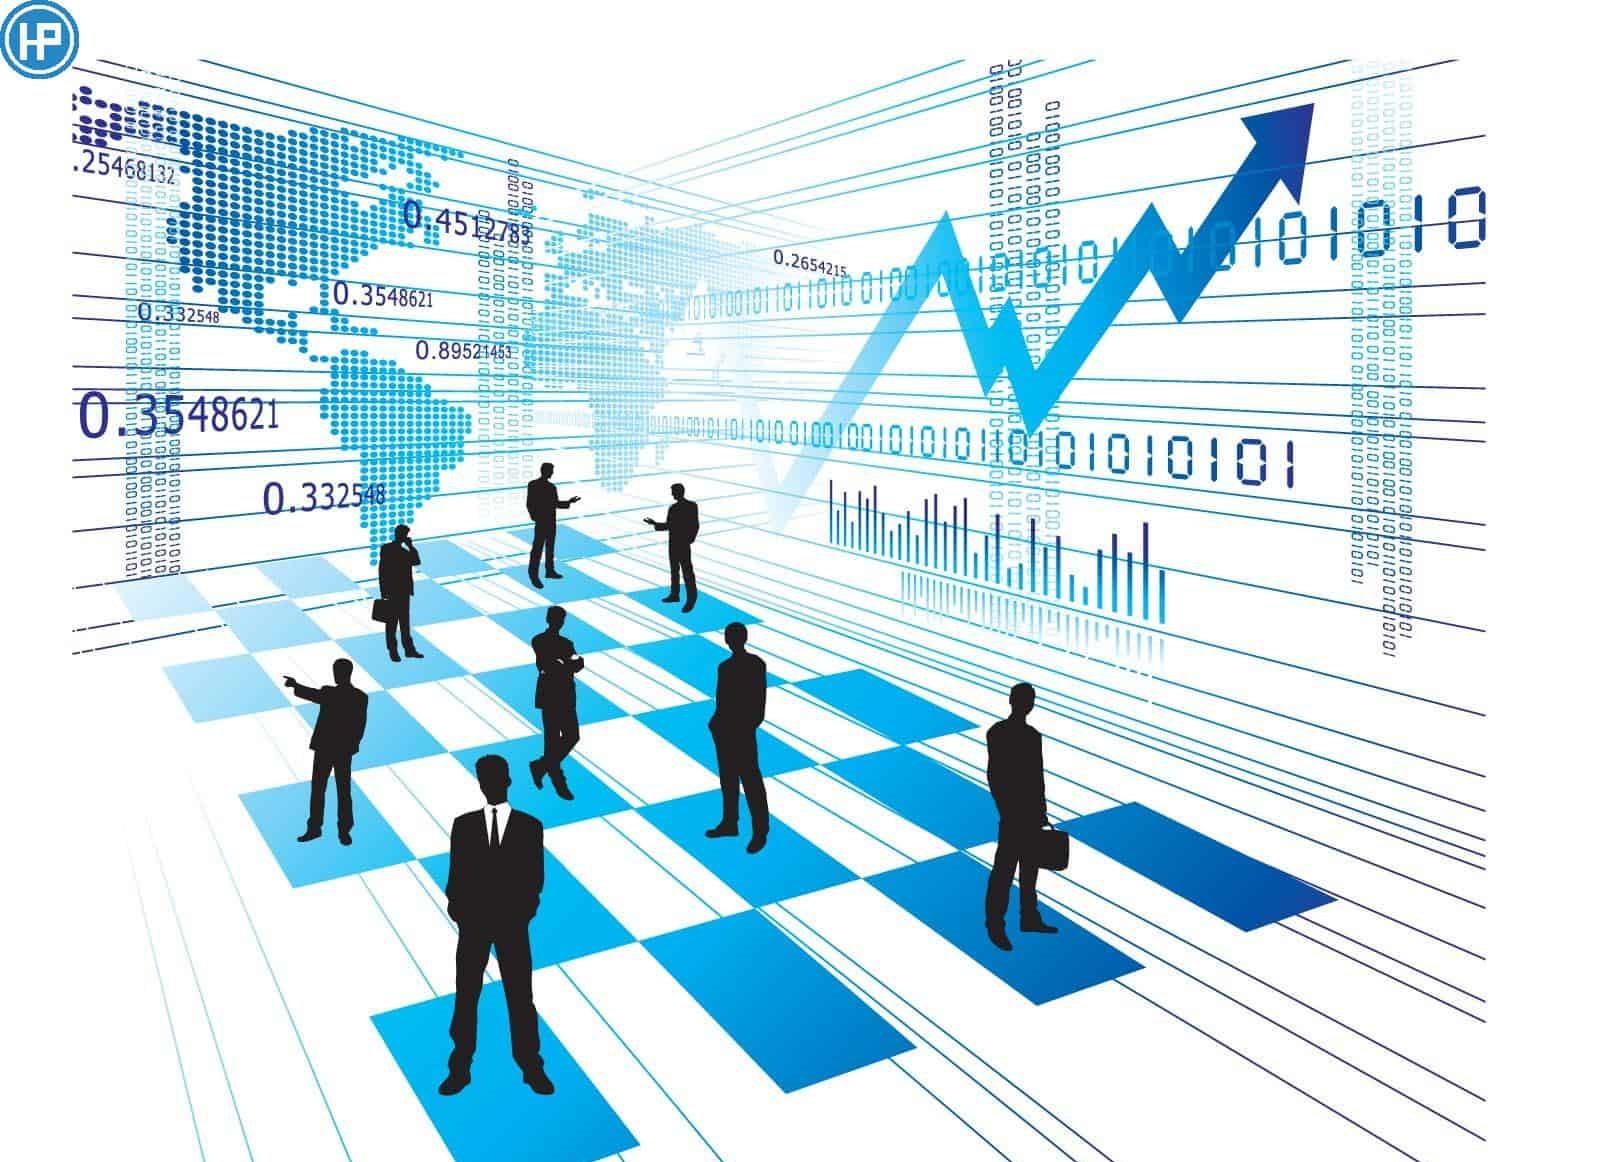 yếu tố cốt lõi để cá nhân nâng cao hiệu quả kinh doanh